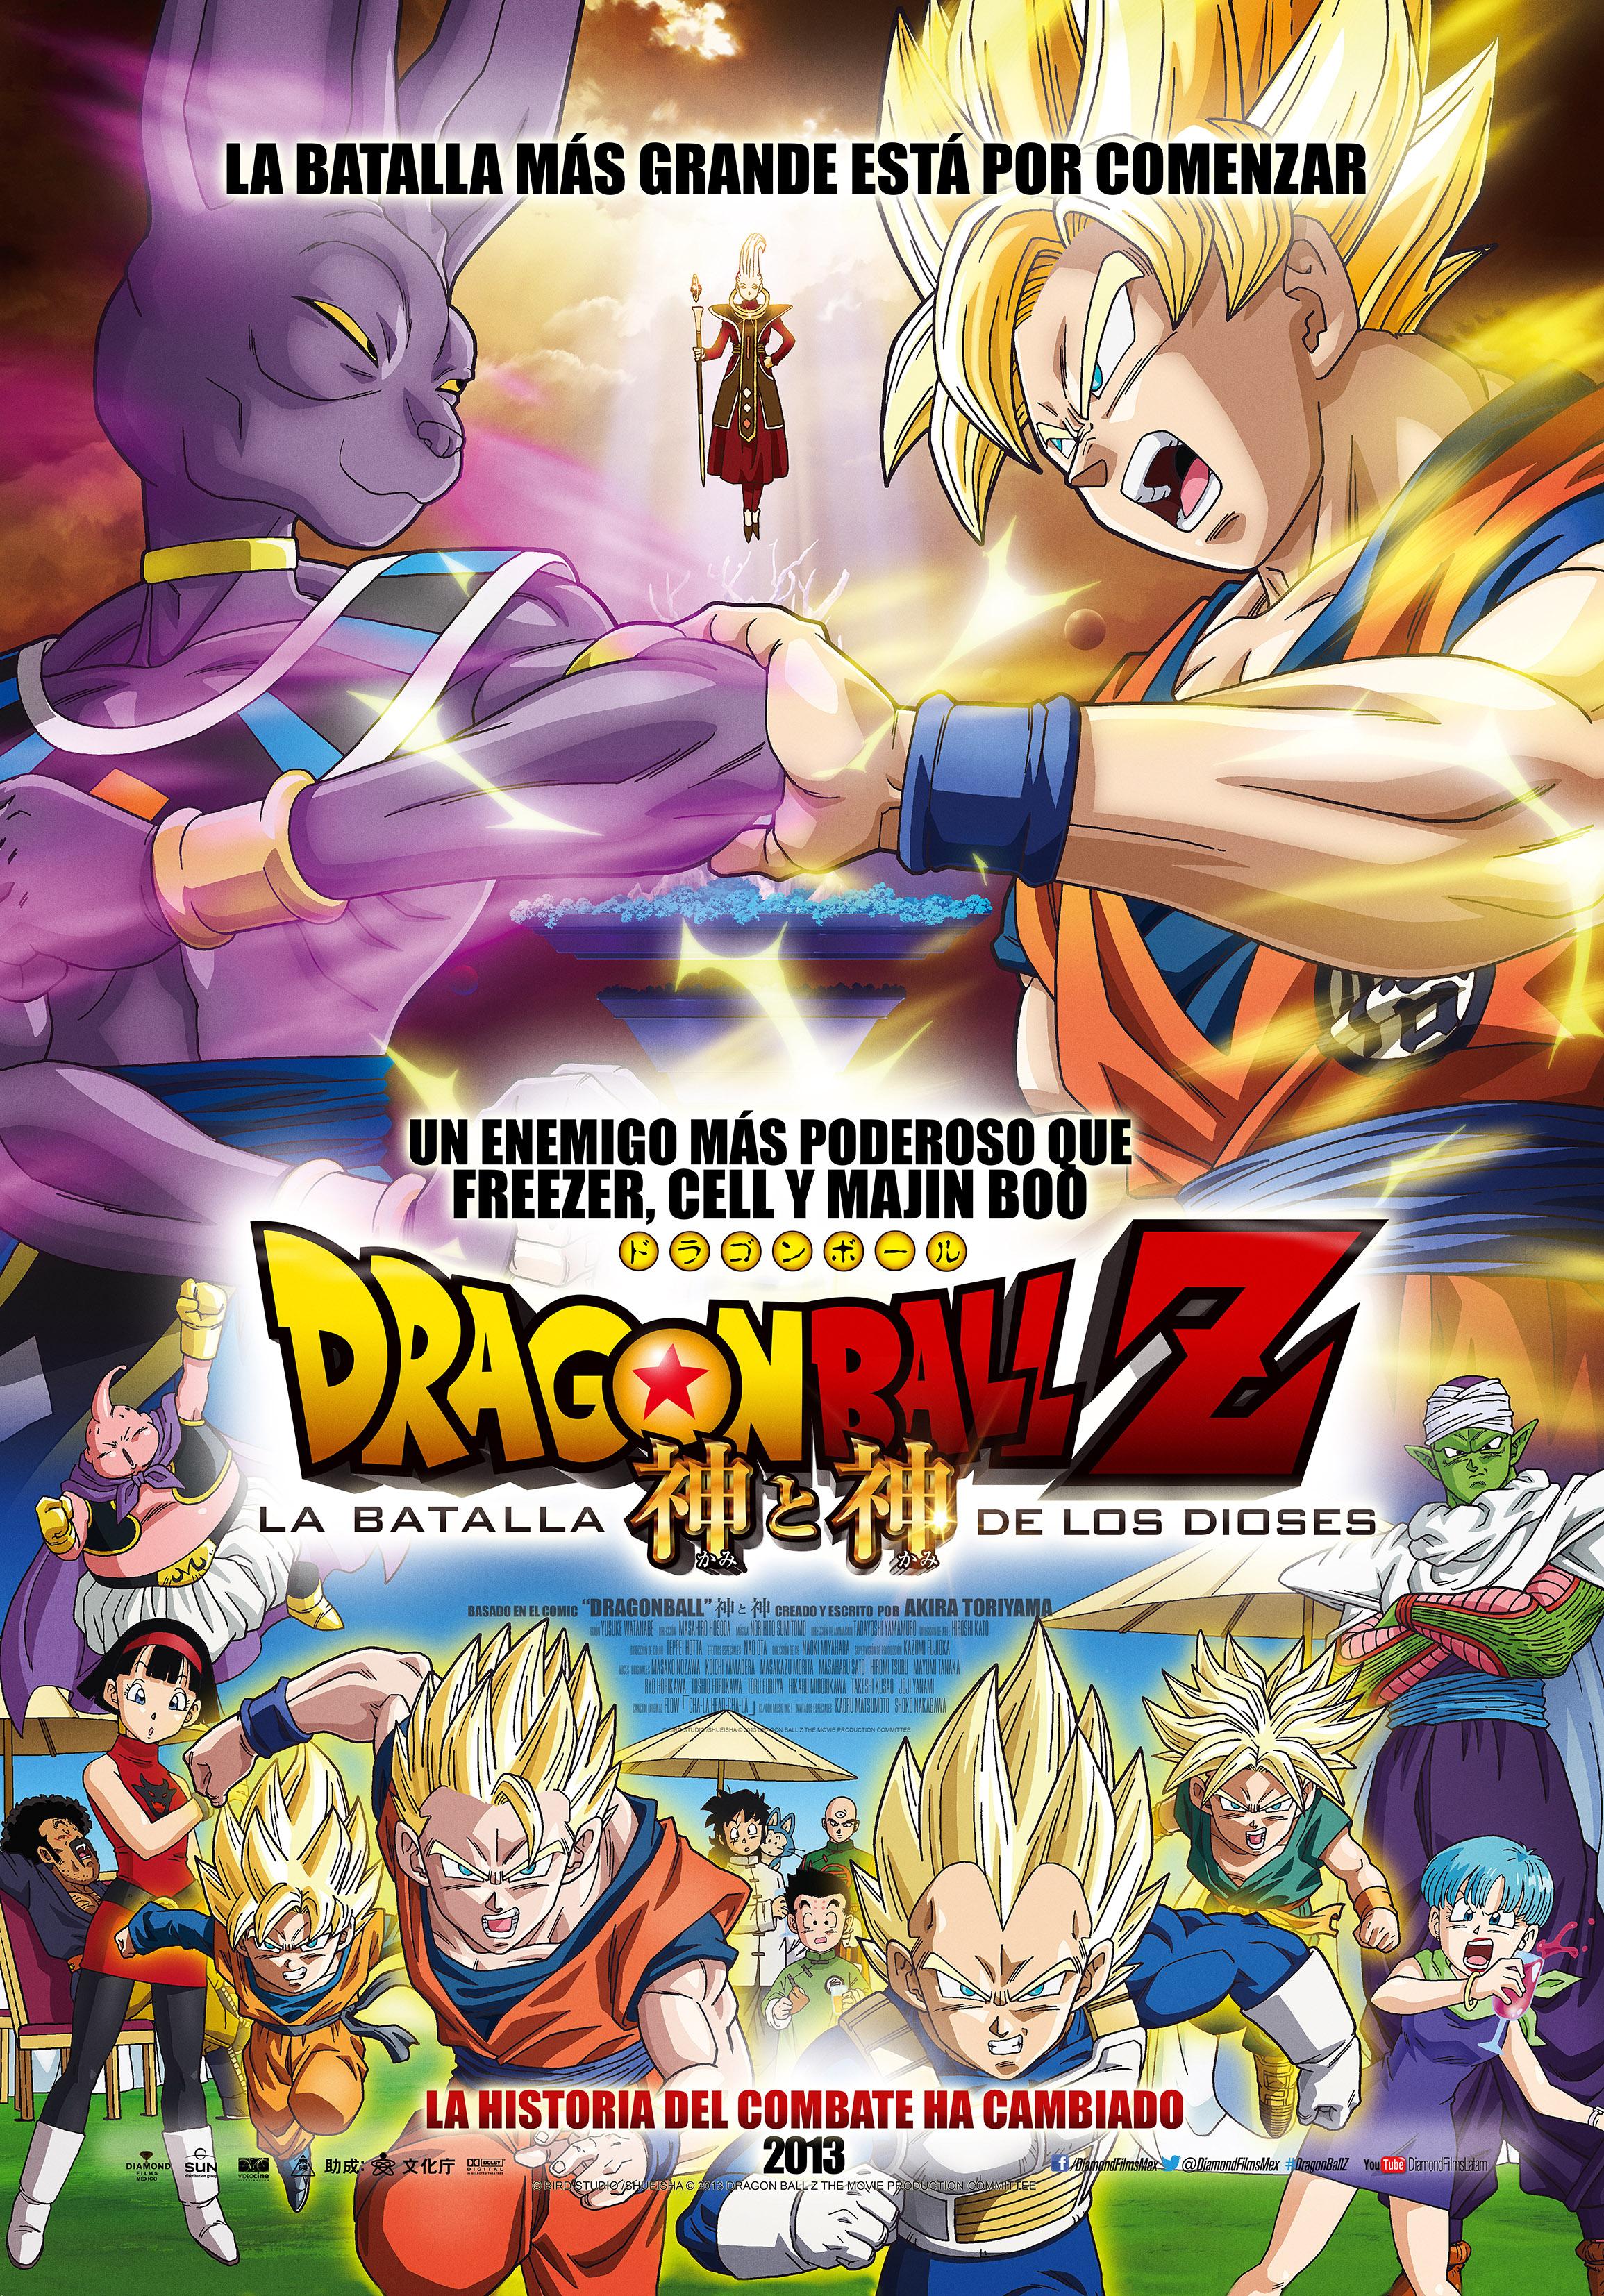 Ver Y Descargar Pelicula De Dragon Ball Z La Batalla De Los Dioses